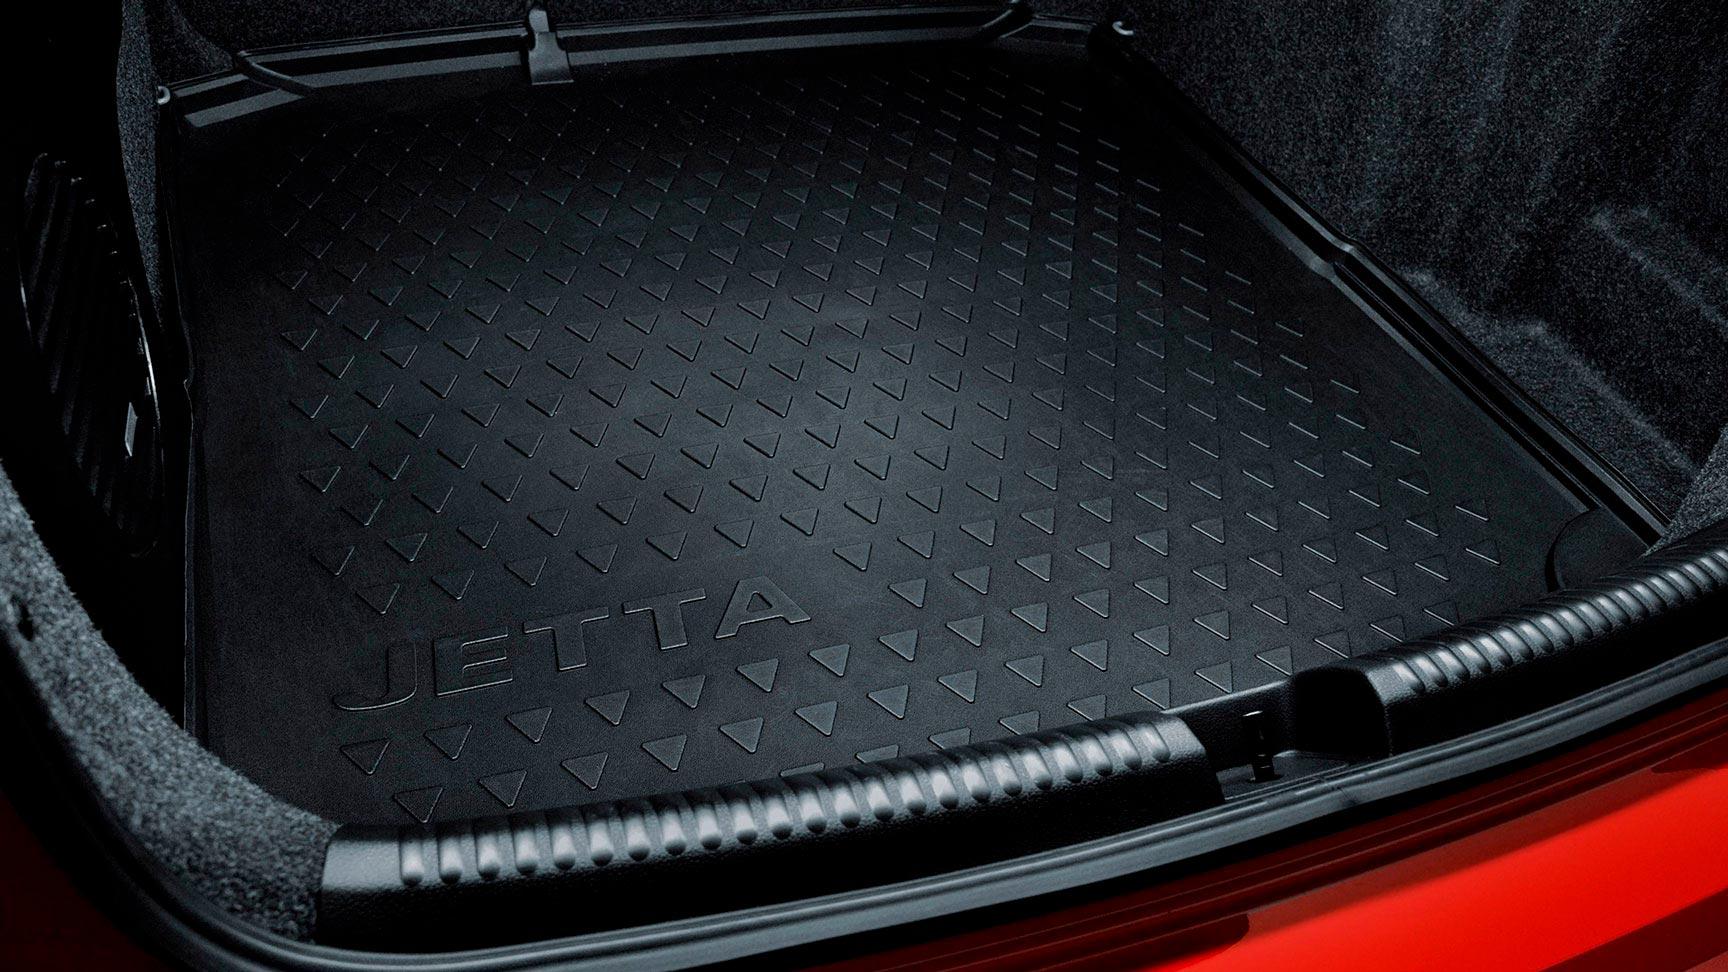 Tapete de cajuela para Jetta A6 Volkswagen original hecho con material robusto y ligero.